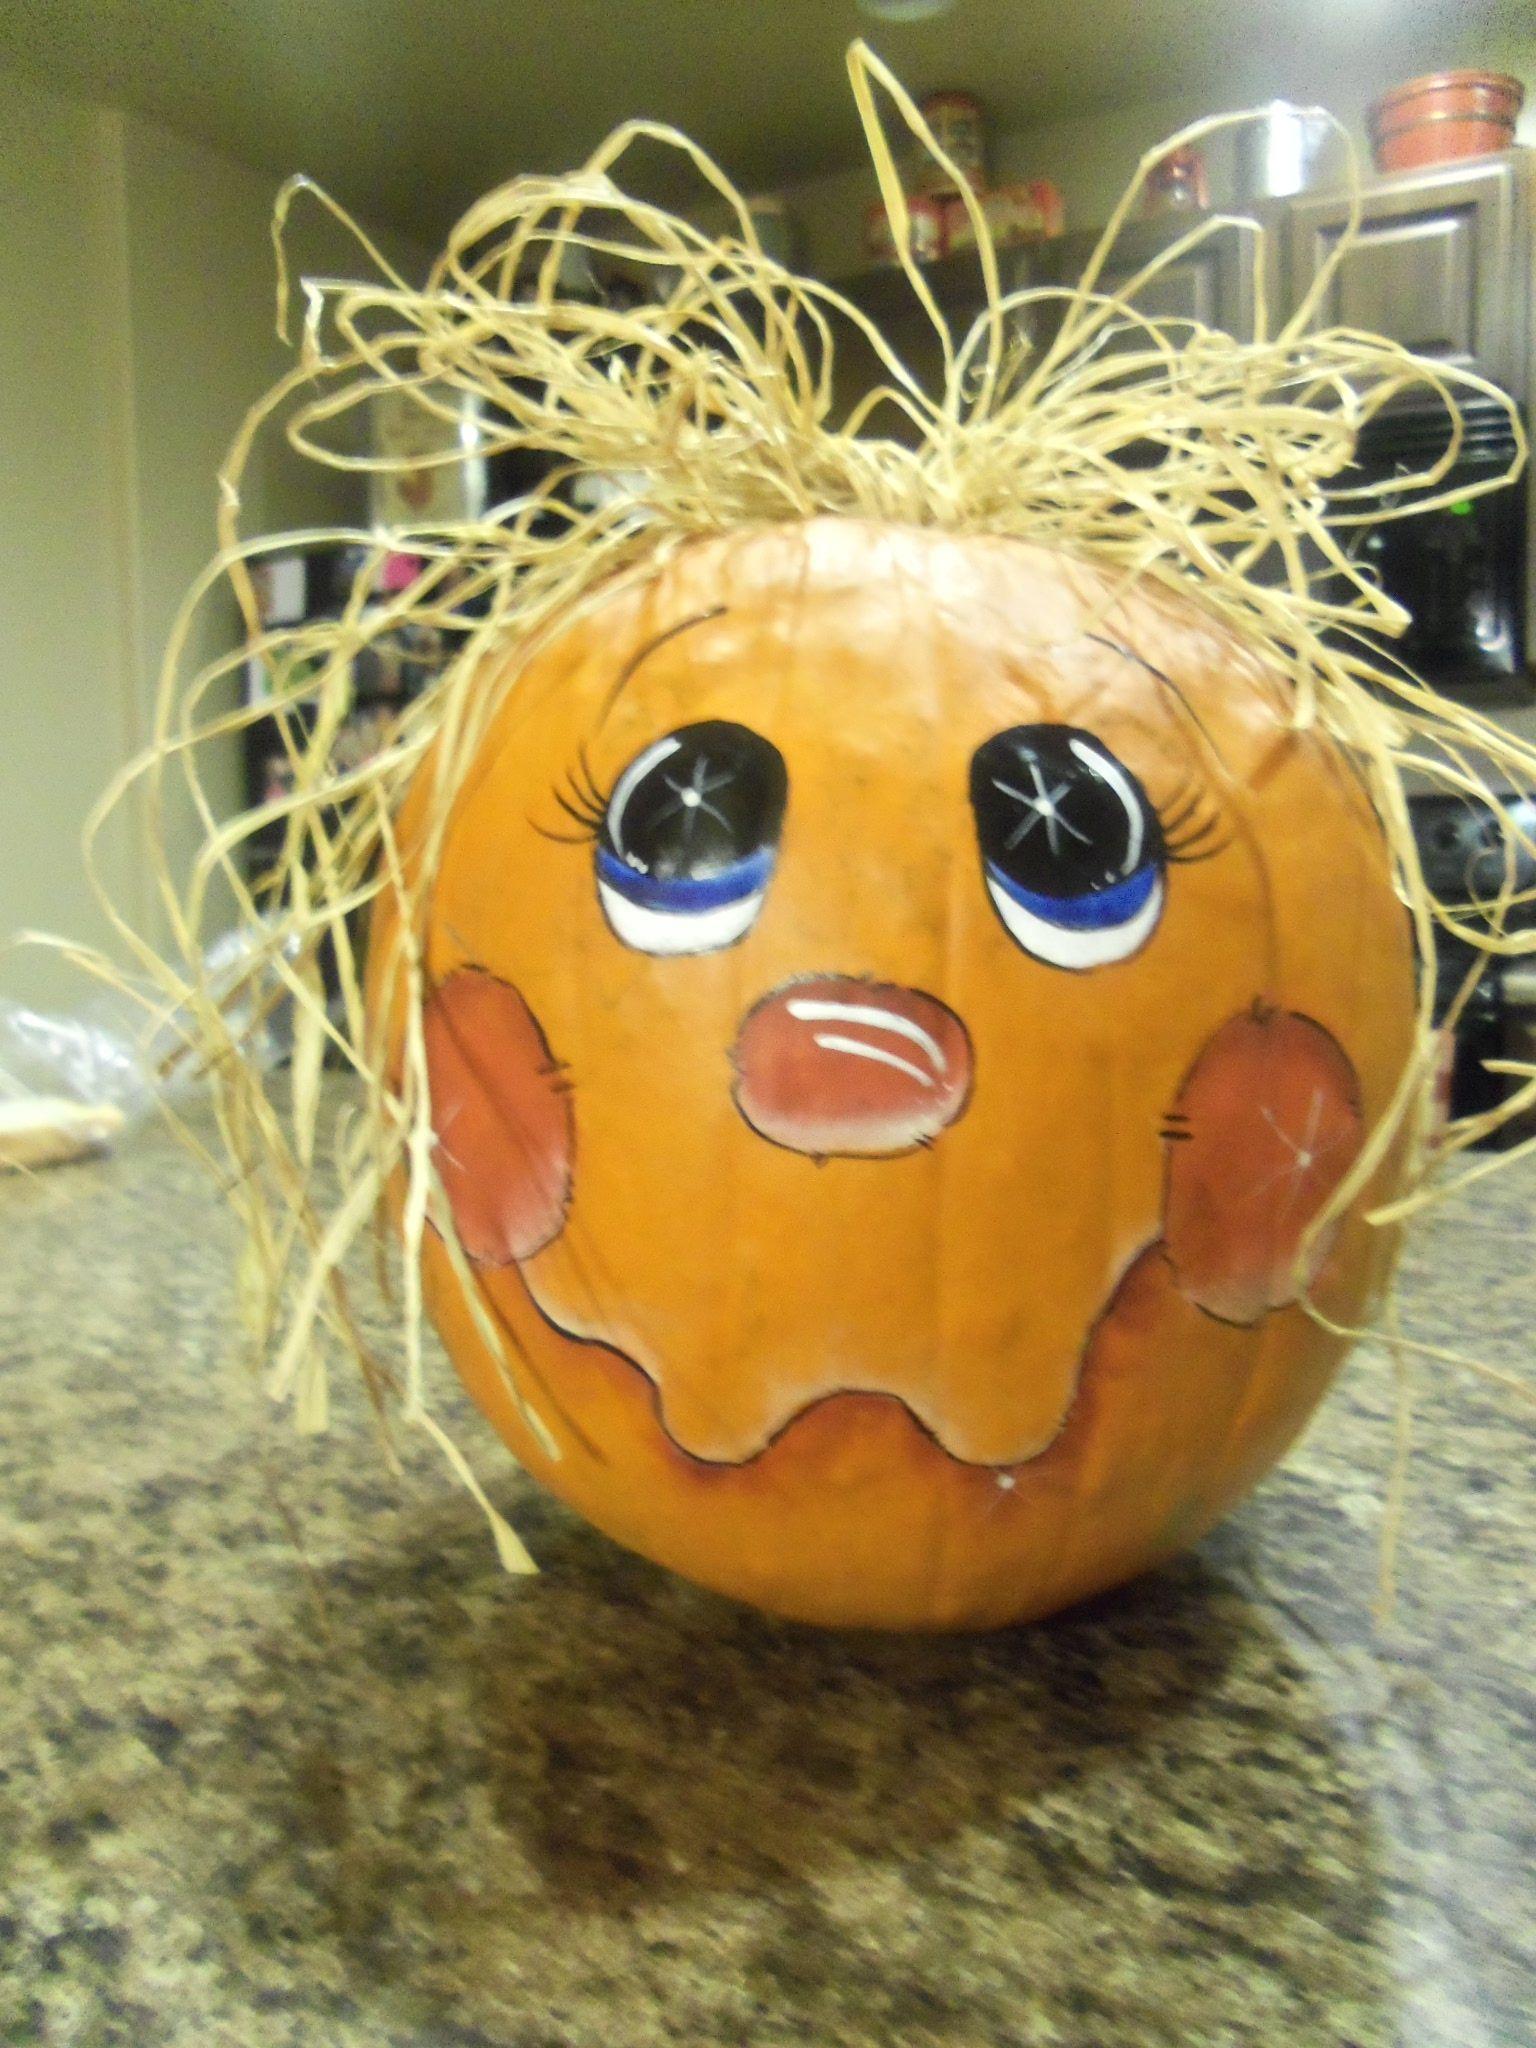 Pumpkin painting time calabazas pinterest calabazas pintadas calabazas y pintar - Calabazas de halloween pintadas ...